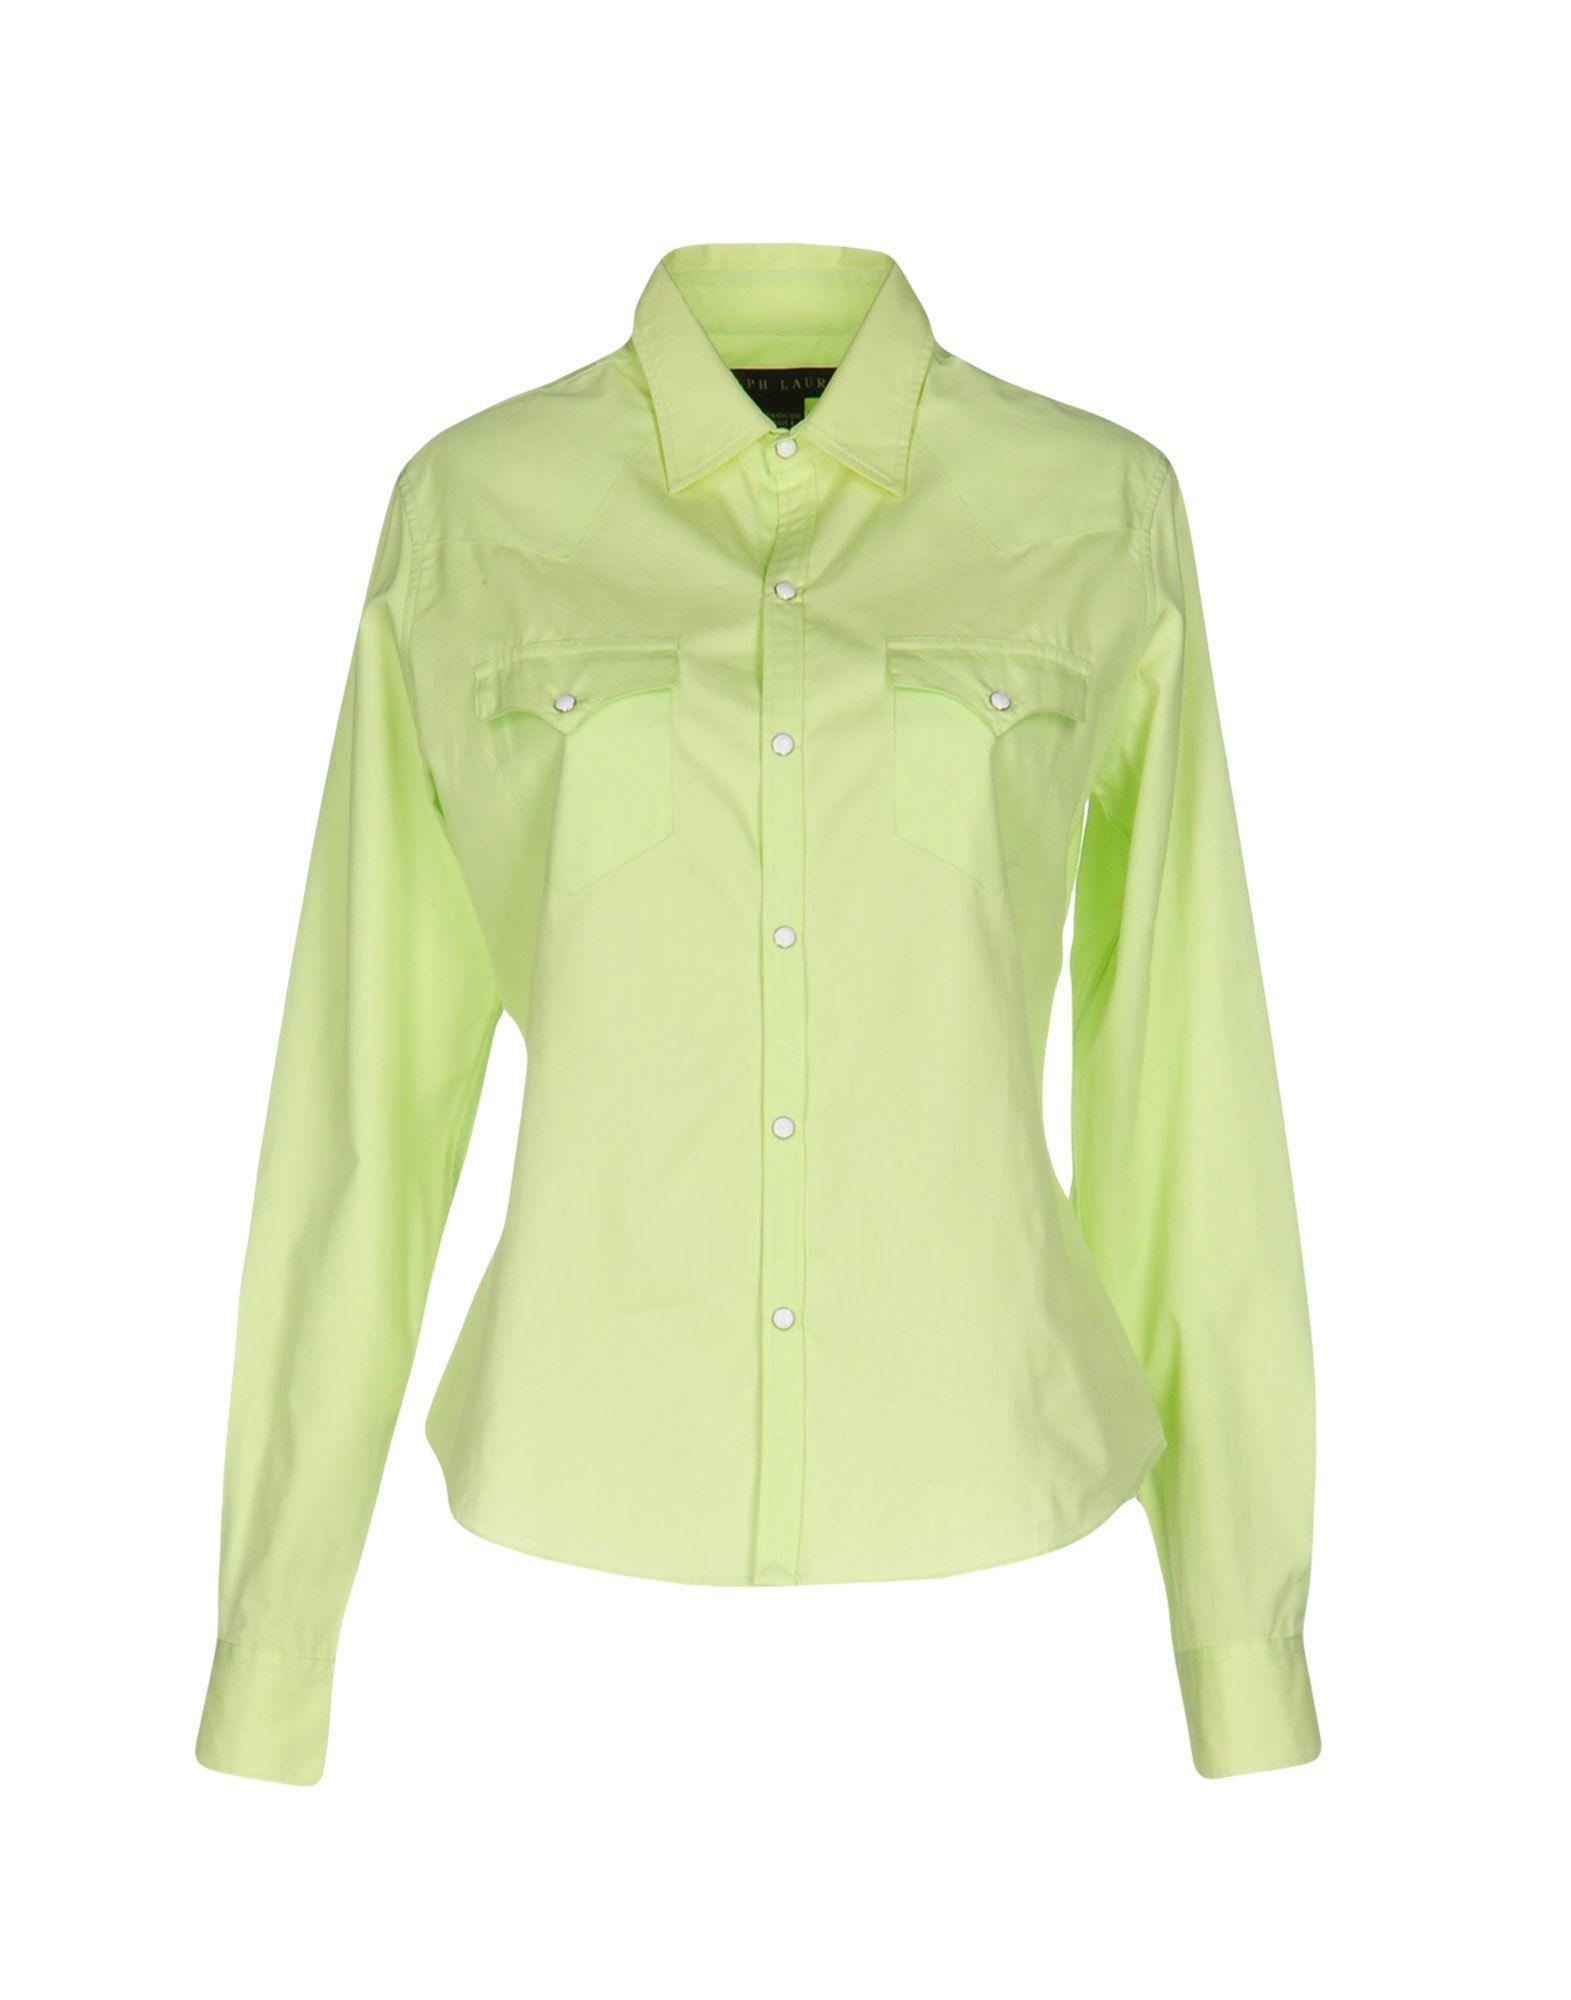 RALPH LAUREN BLACK LABEL Damen Hemd Farbe Hellgrün Größe 5 jetztbilligerkaufen